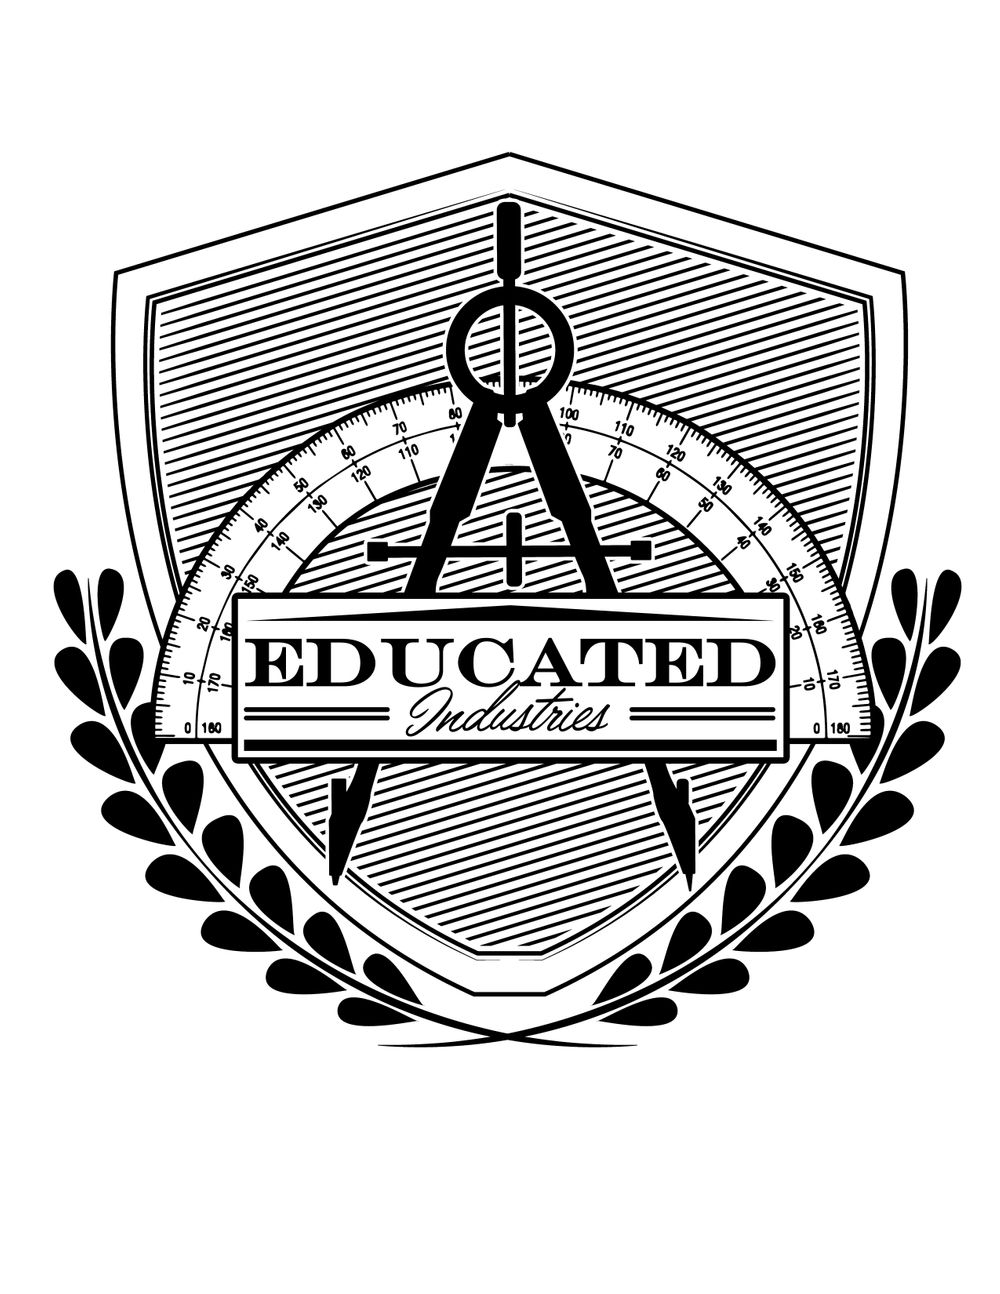 educated-industries.jpg